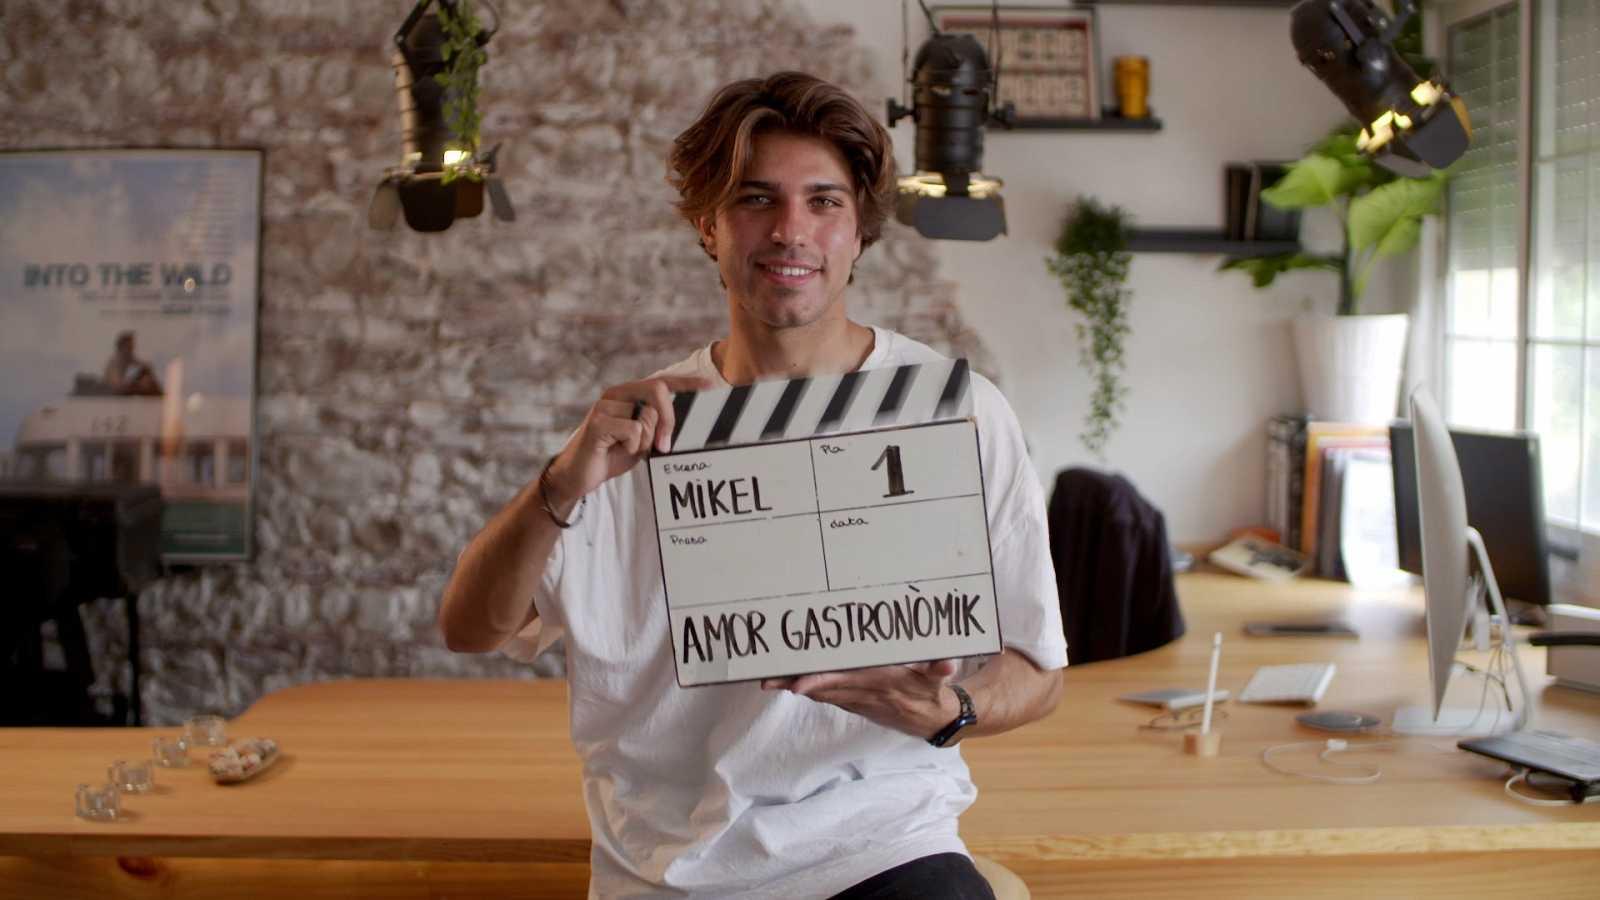 En Mikel busca l'amor, aquesta setmana al programa 'Amor Gastronòmik'